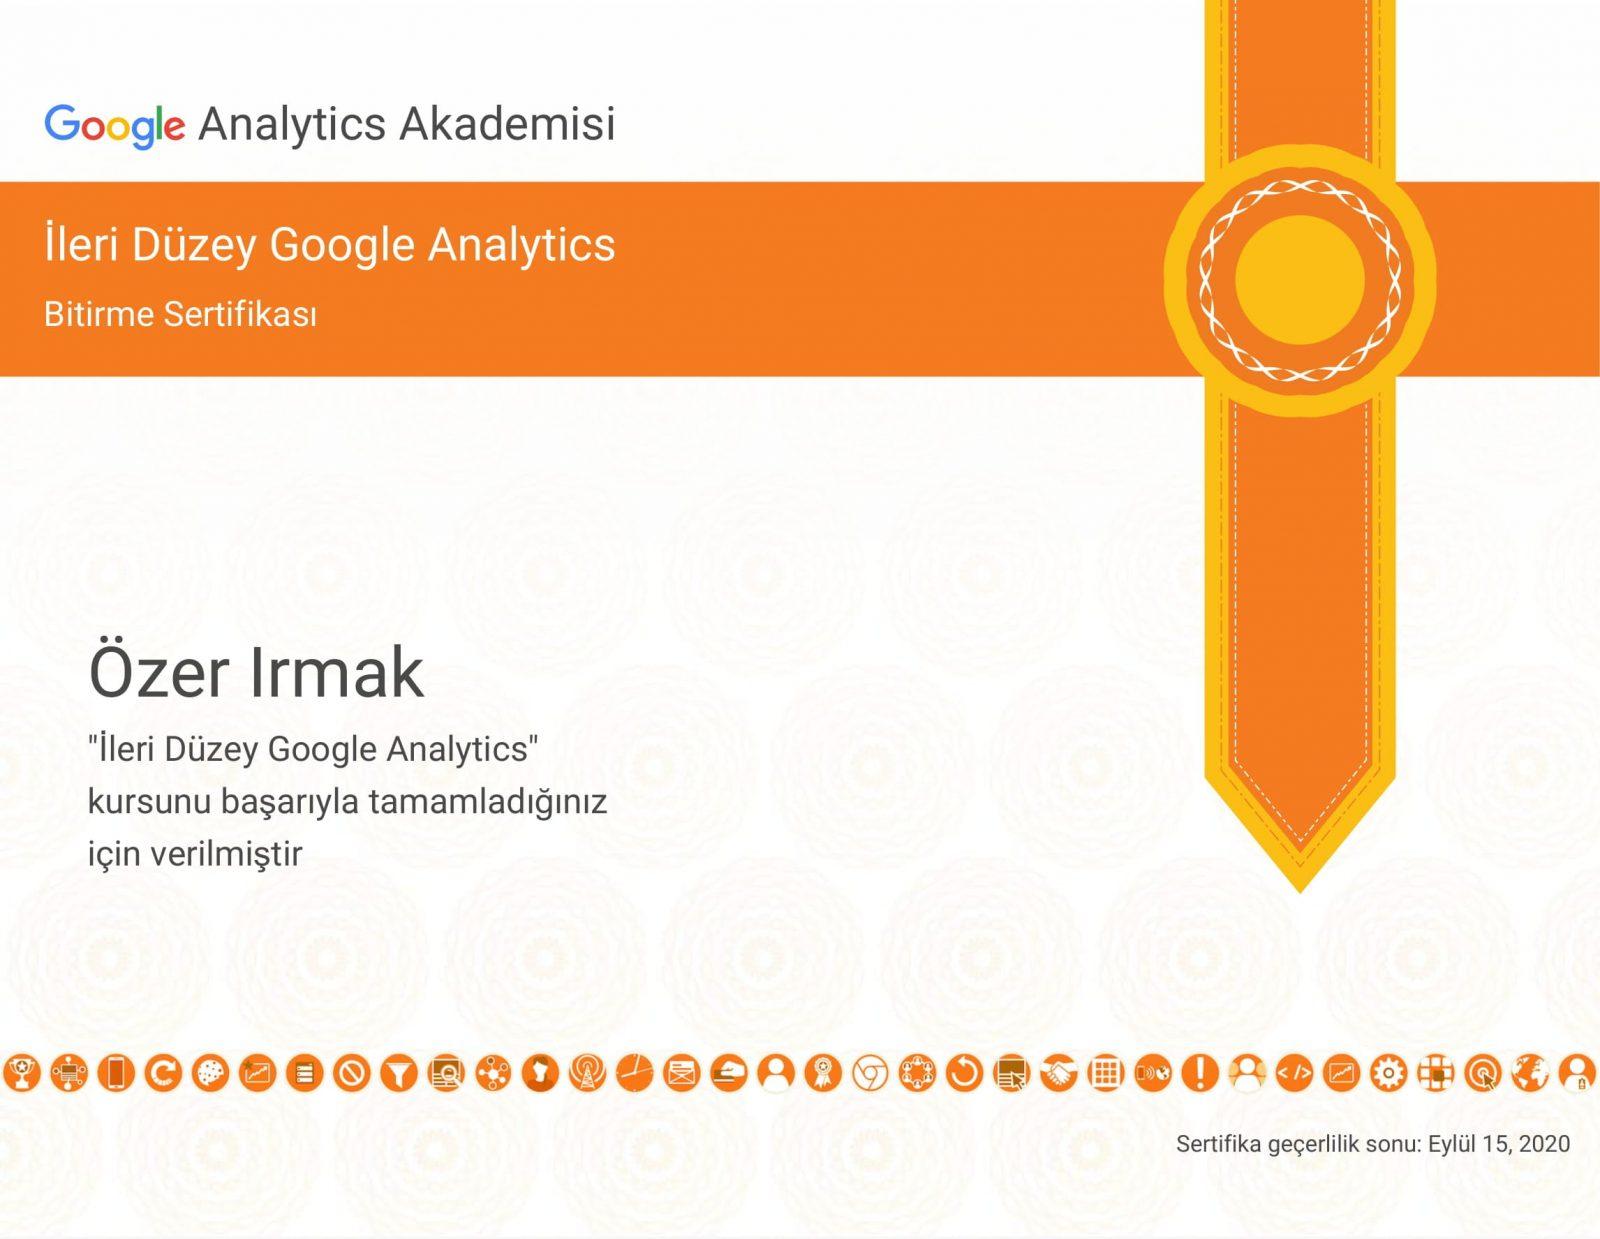 İleri Düzey Google Analitiks Sertifikasyonu